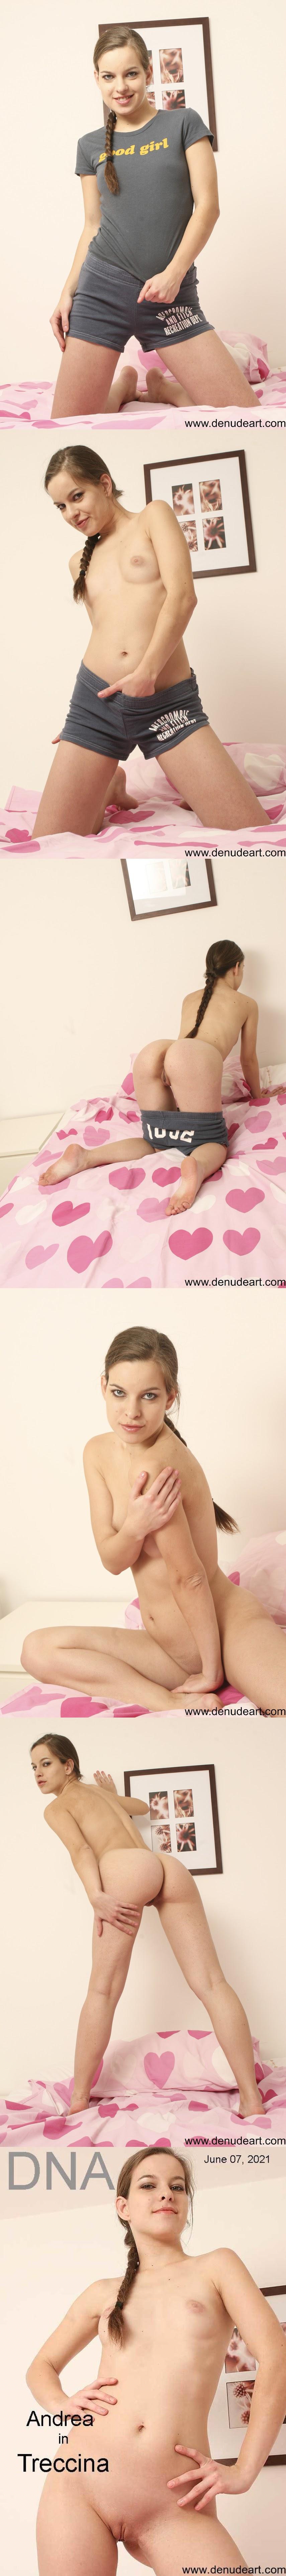 [DeNudeArt] Andrea - Treccina denudeart 07020